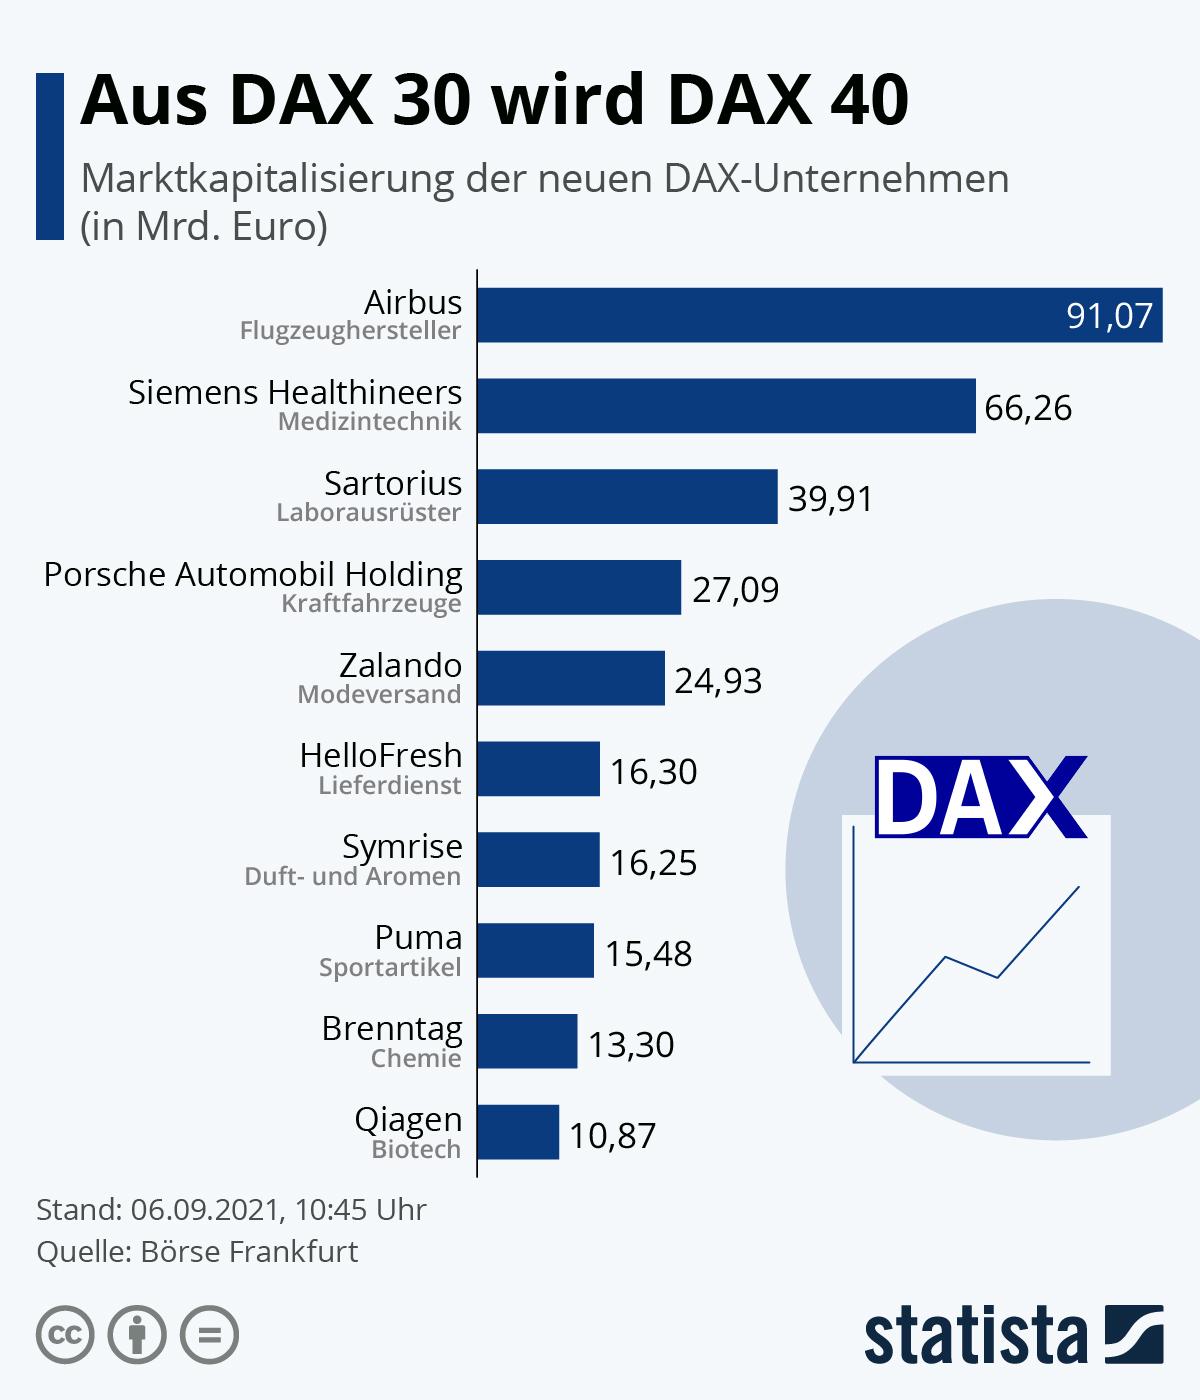 Infografik: Aus DAX 30 wird DAX 40 | Statista